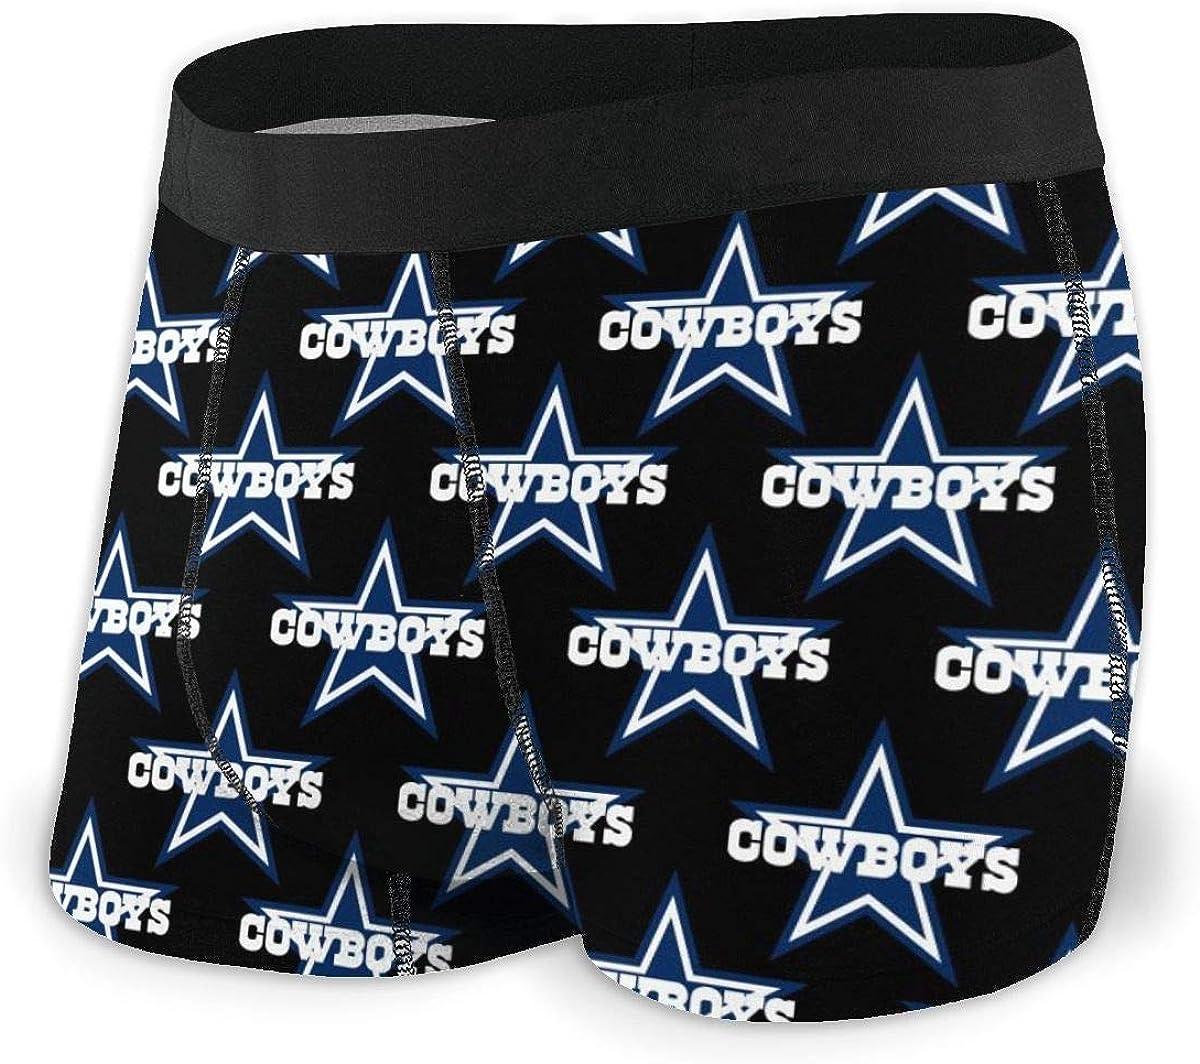 Daisyyr Kittooa Mens Underwear Soft Stretch-Knit Boxer Briefs